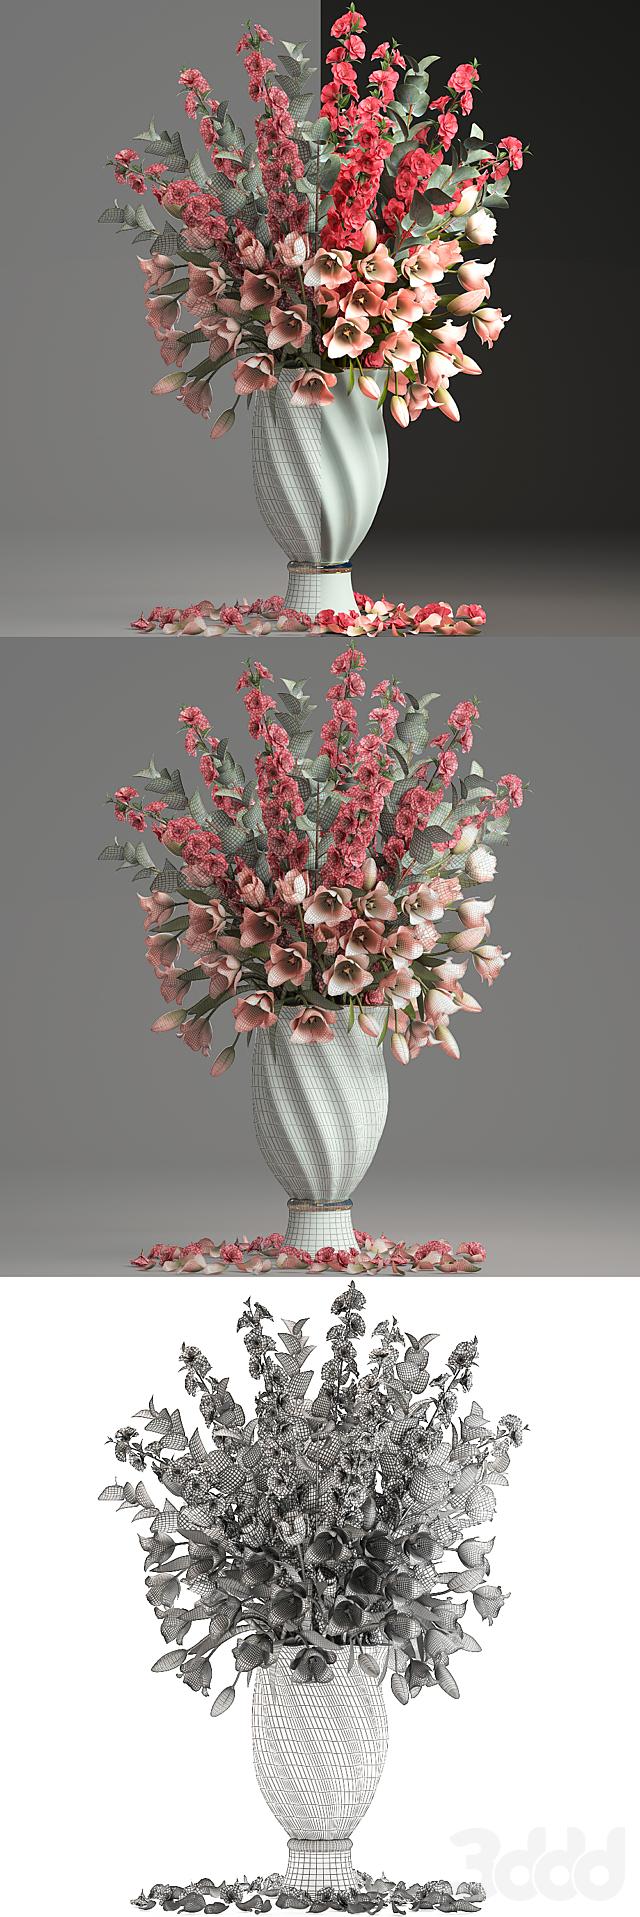 Коллекция цветов 33. Весенний букет.